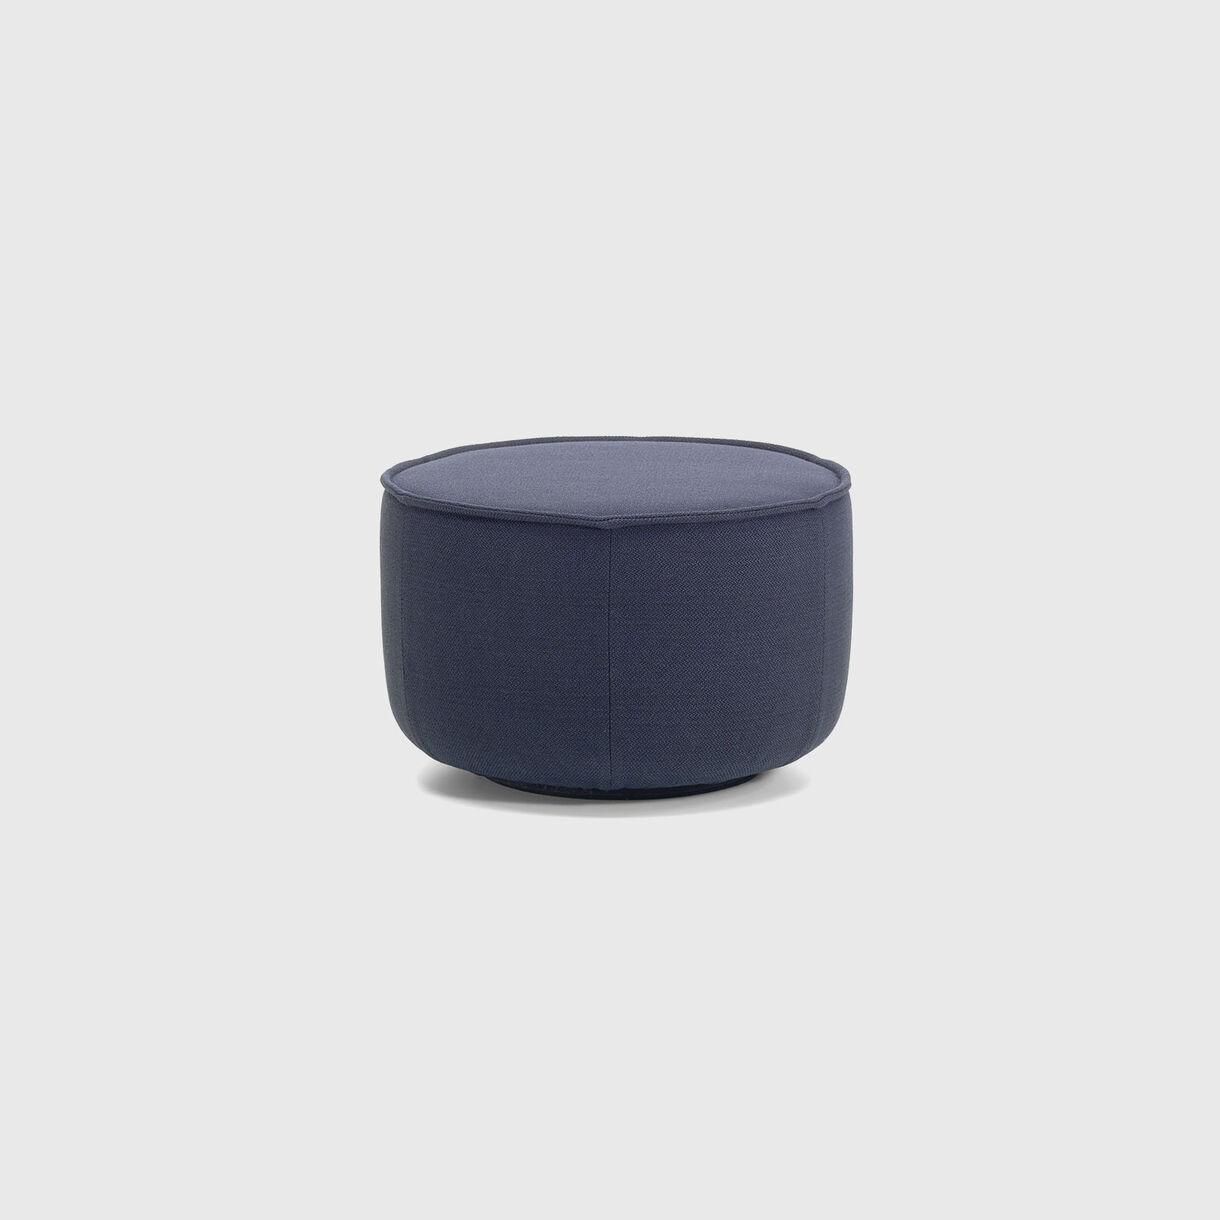 Mariposa Ottoman, Medium, Steel Blue